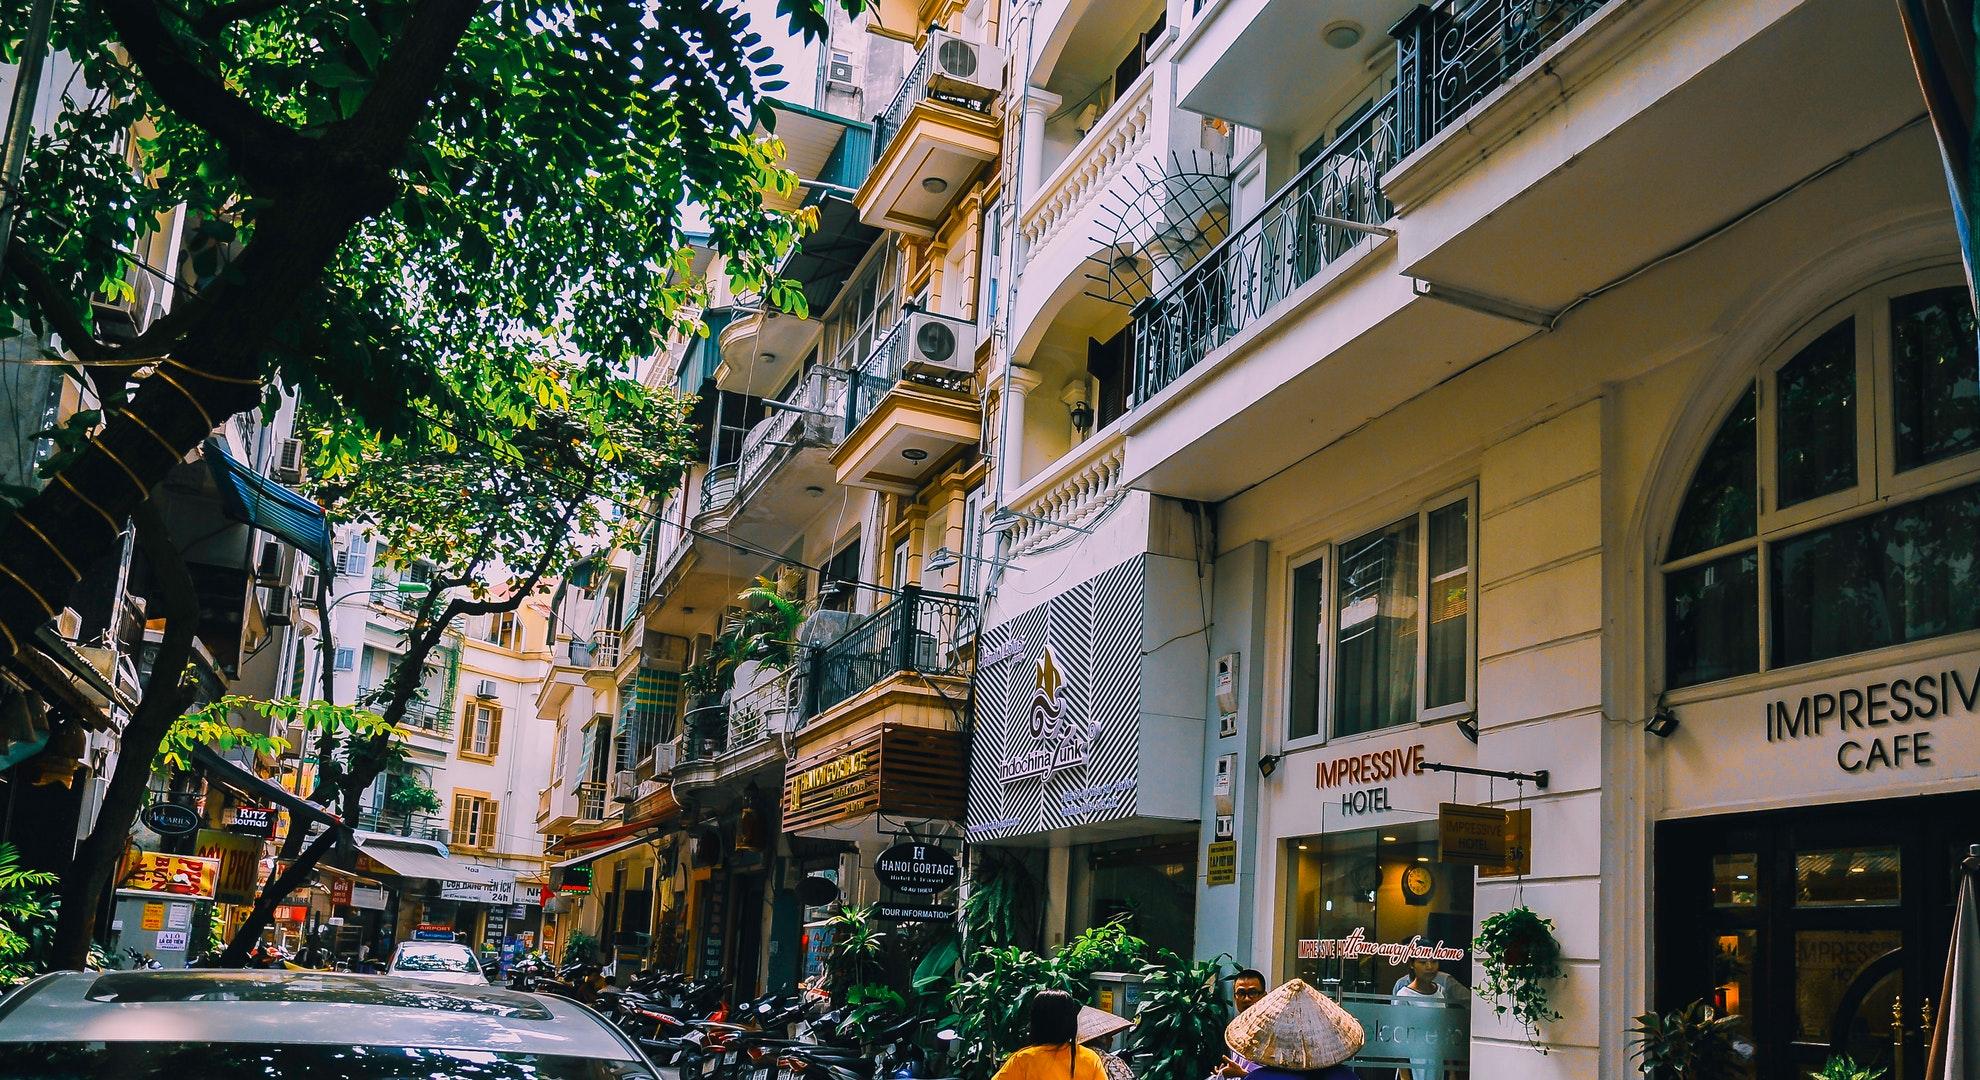 【ベトナム株】台湾で初のベトナム株インデックスETF「00885 富邦越南ETF」が上場とベトナム株について